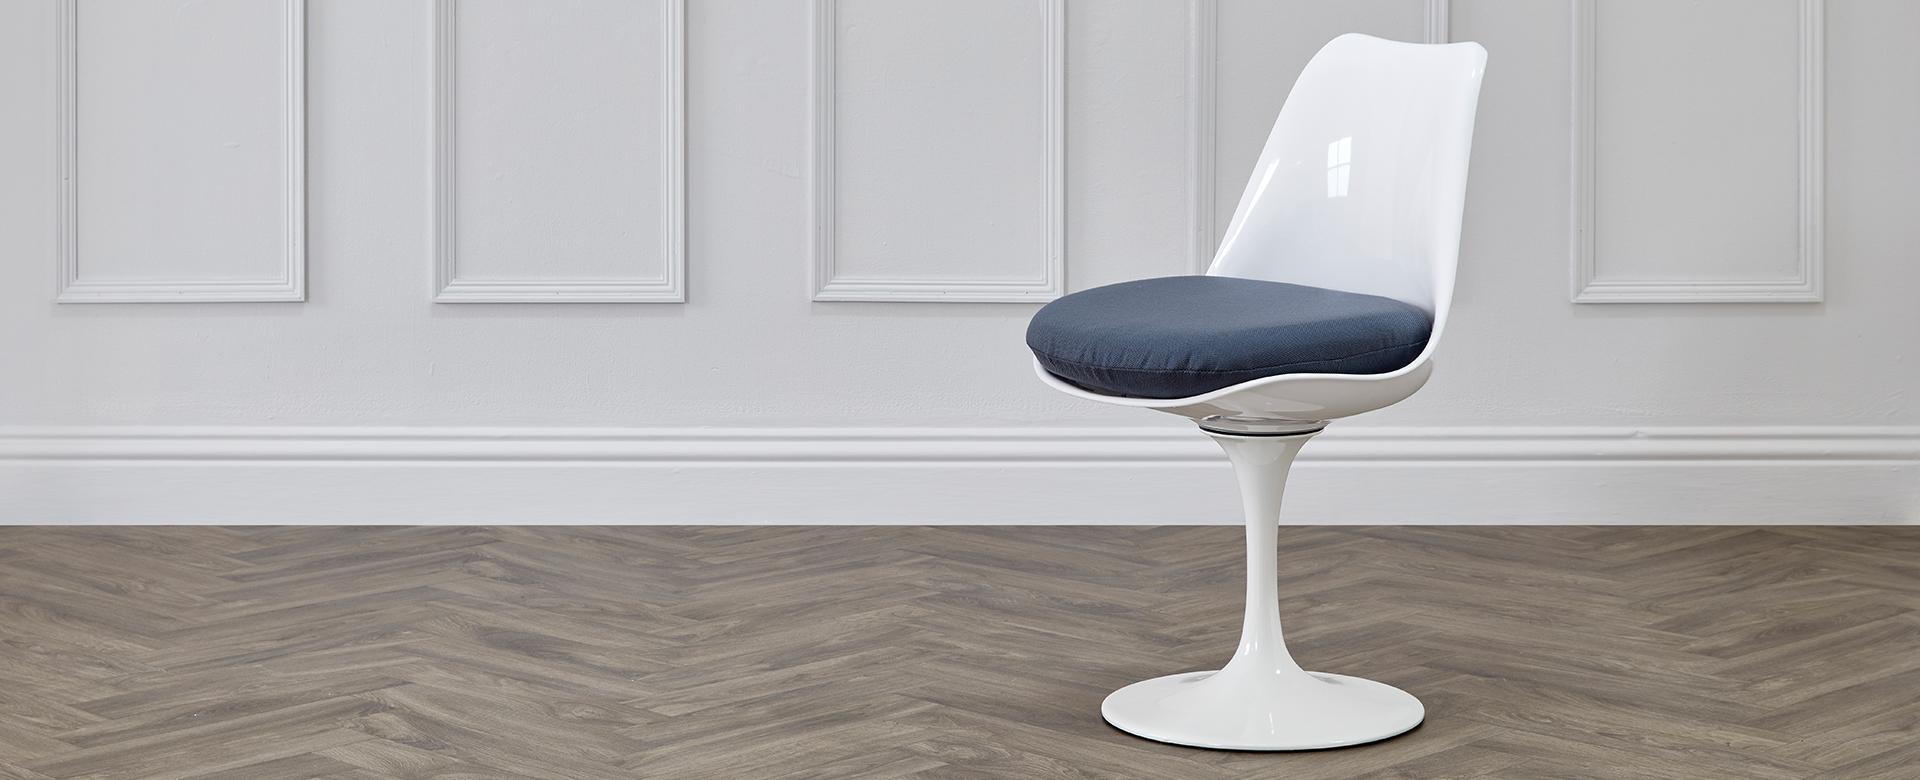 Saarinen Style Tulip Chairs